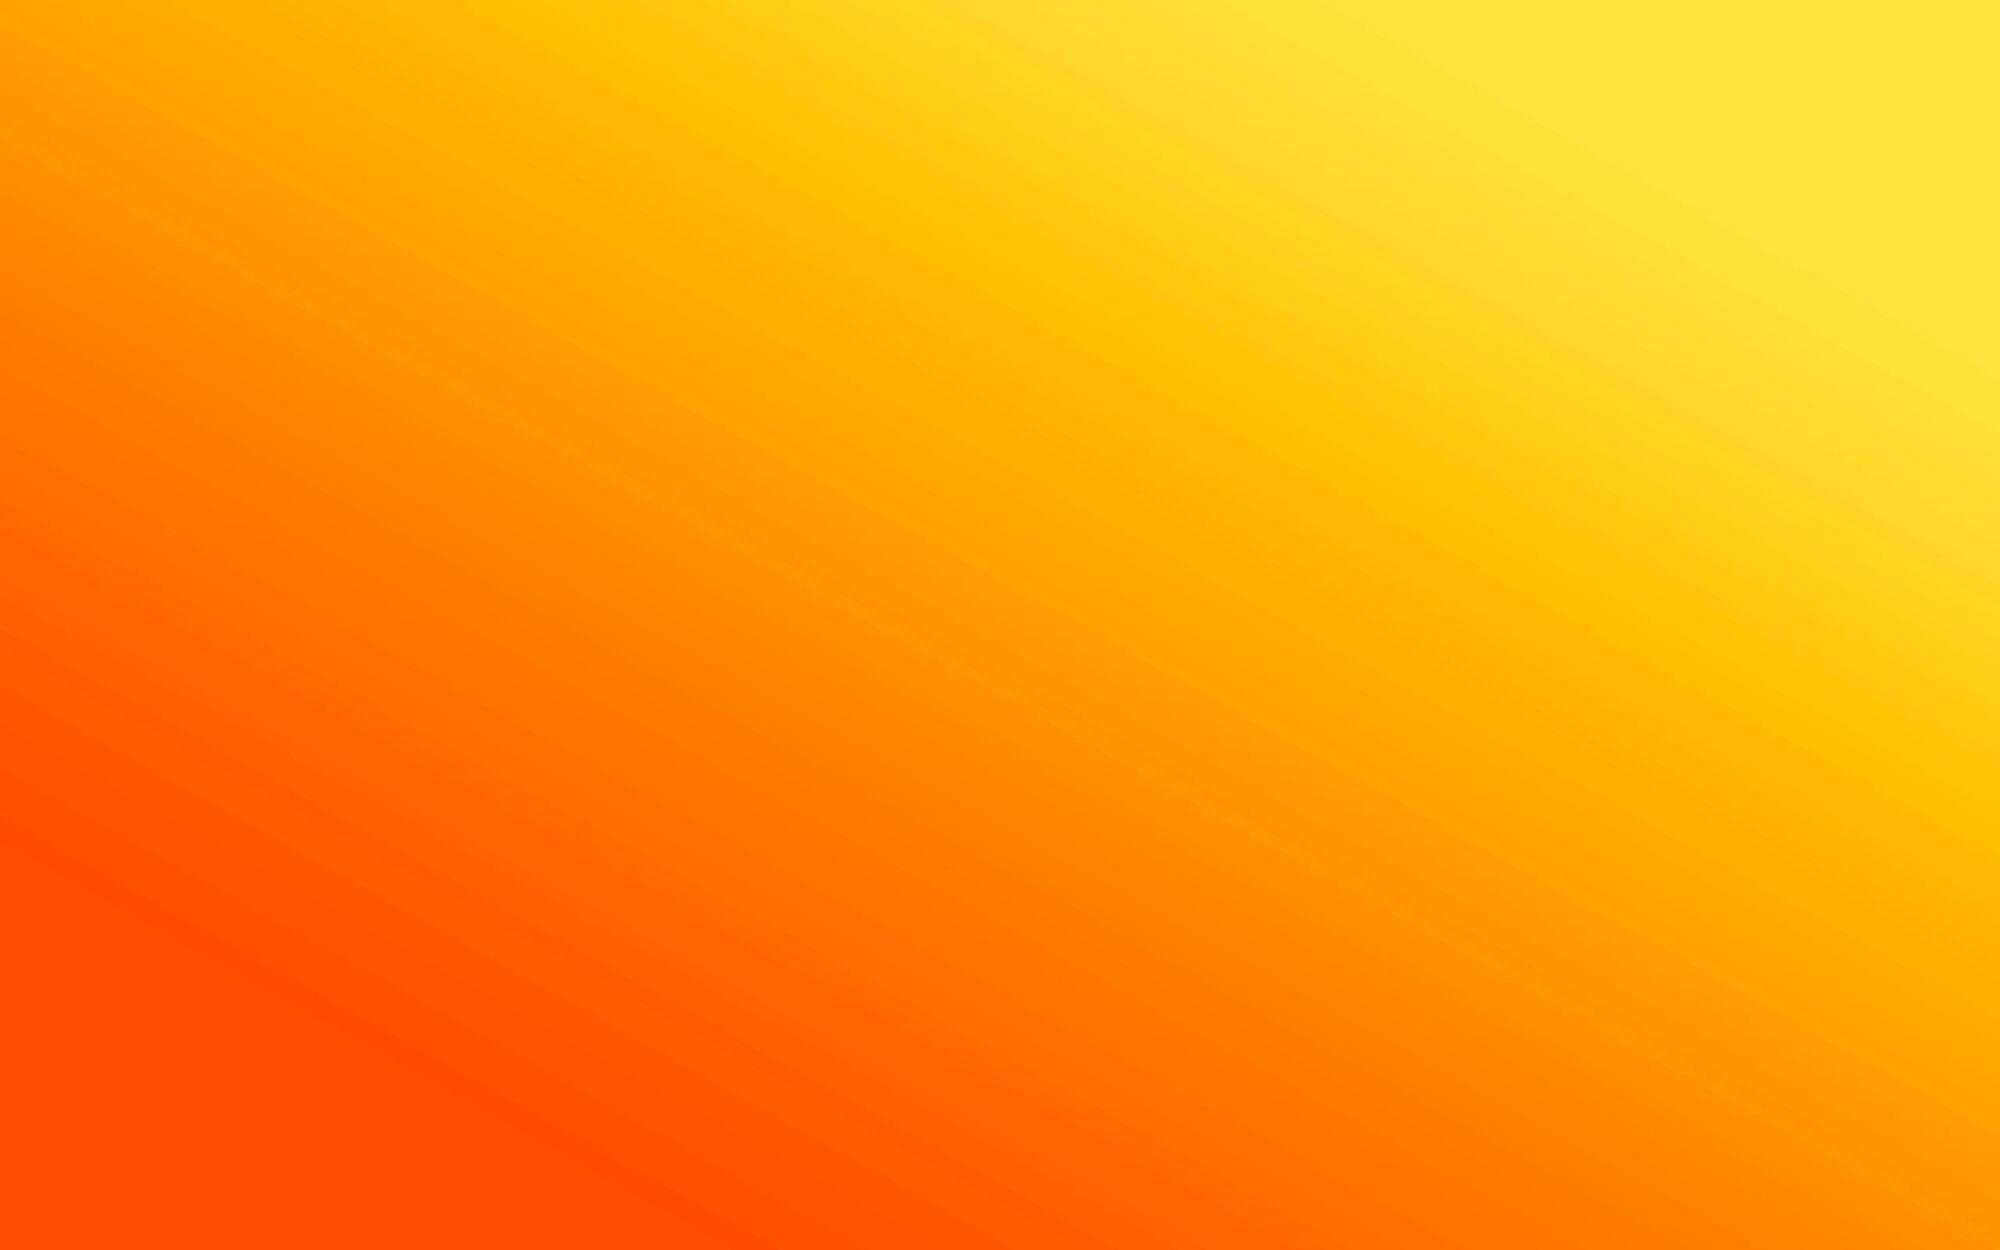 Orange Wallpaper Solid Wallpapershit